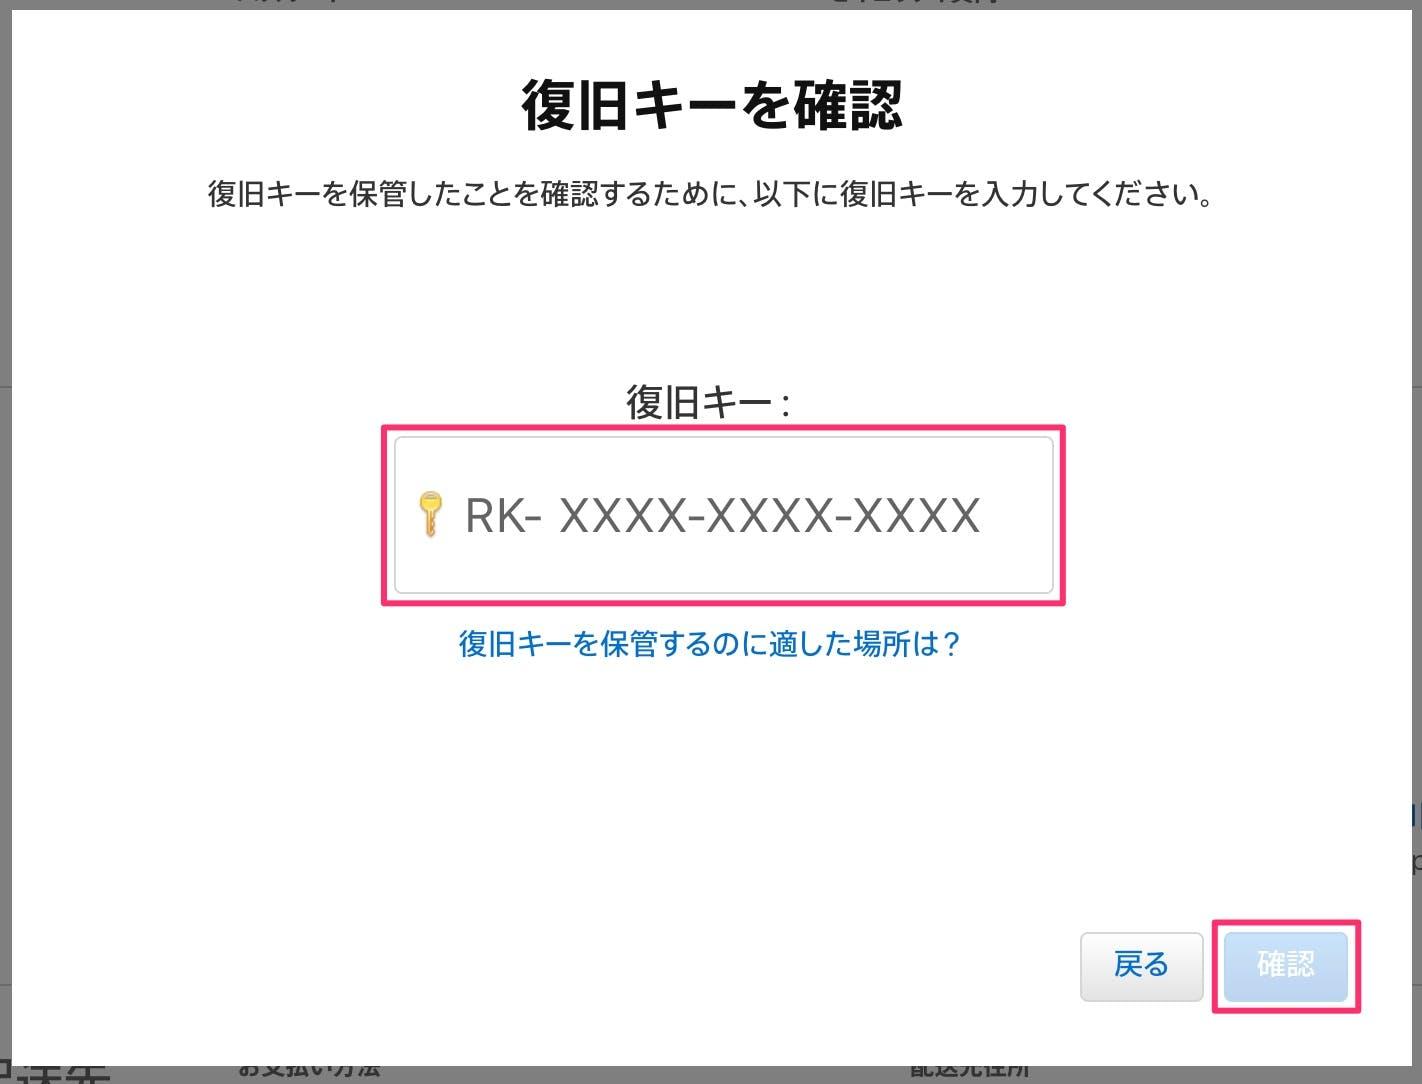 スクリーンショット_2019-09-04_13_20_37.jpg